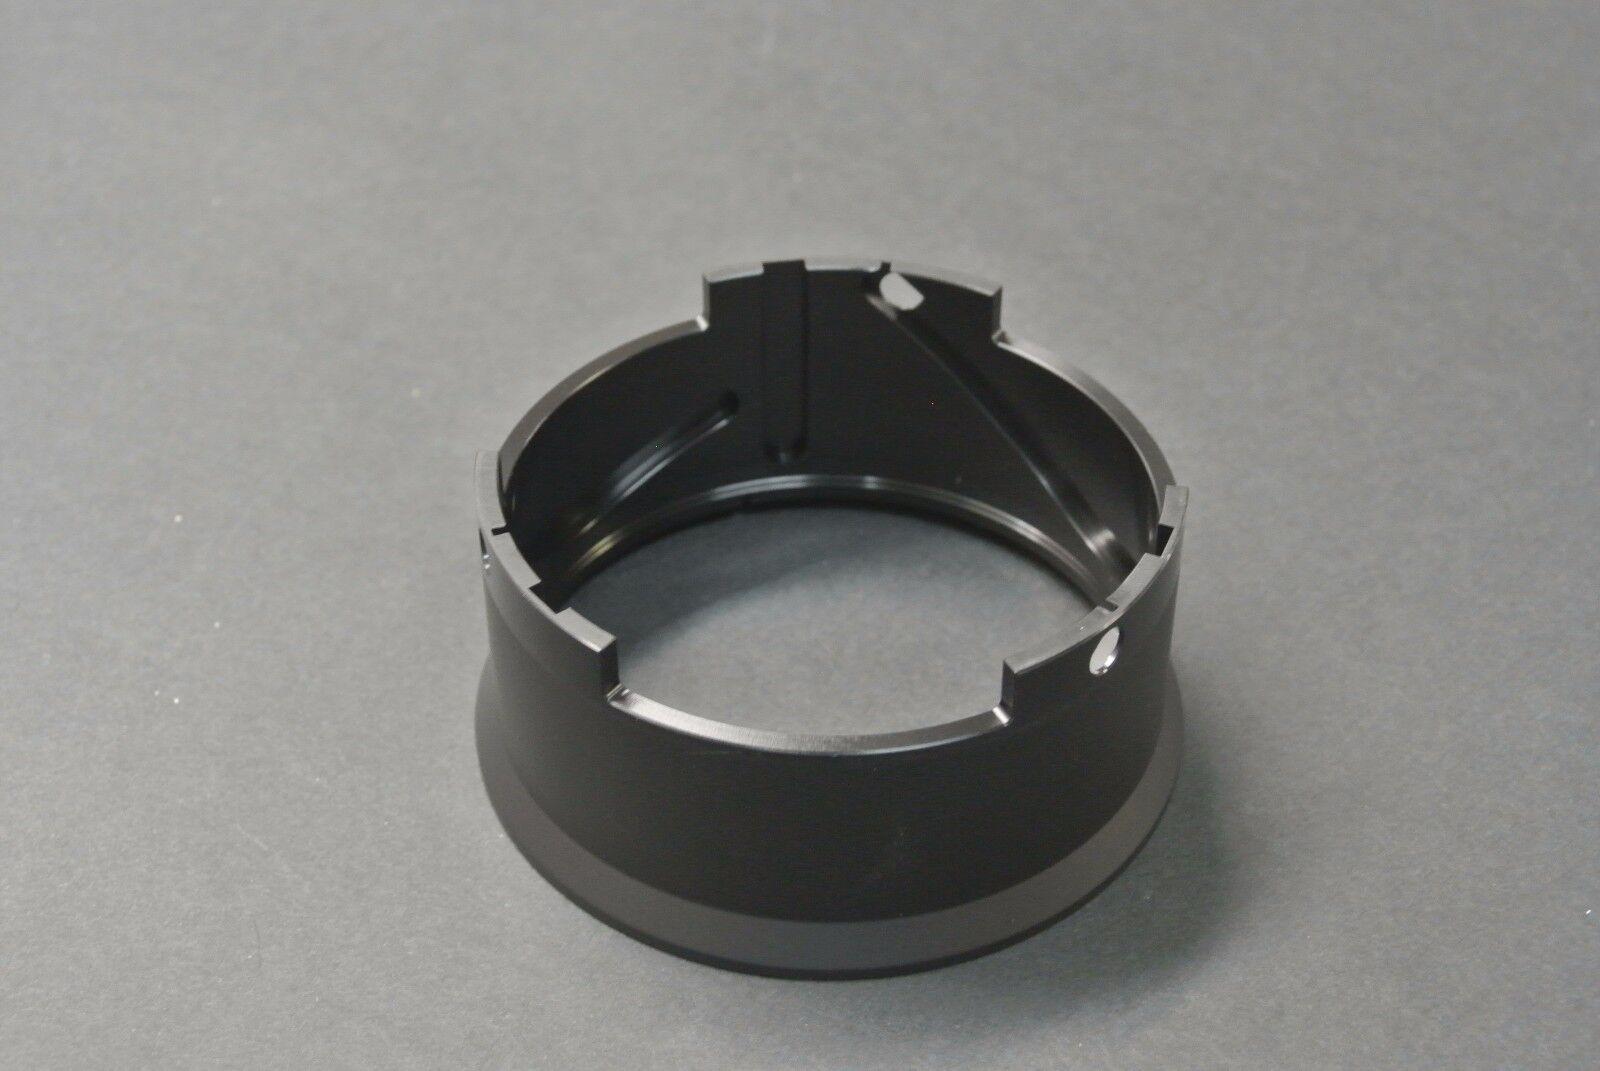 Nikon Af-s Nikkor 24-70mm F/2.8g Ed Front Barrel 1k631-86...